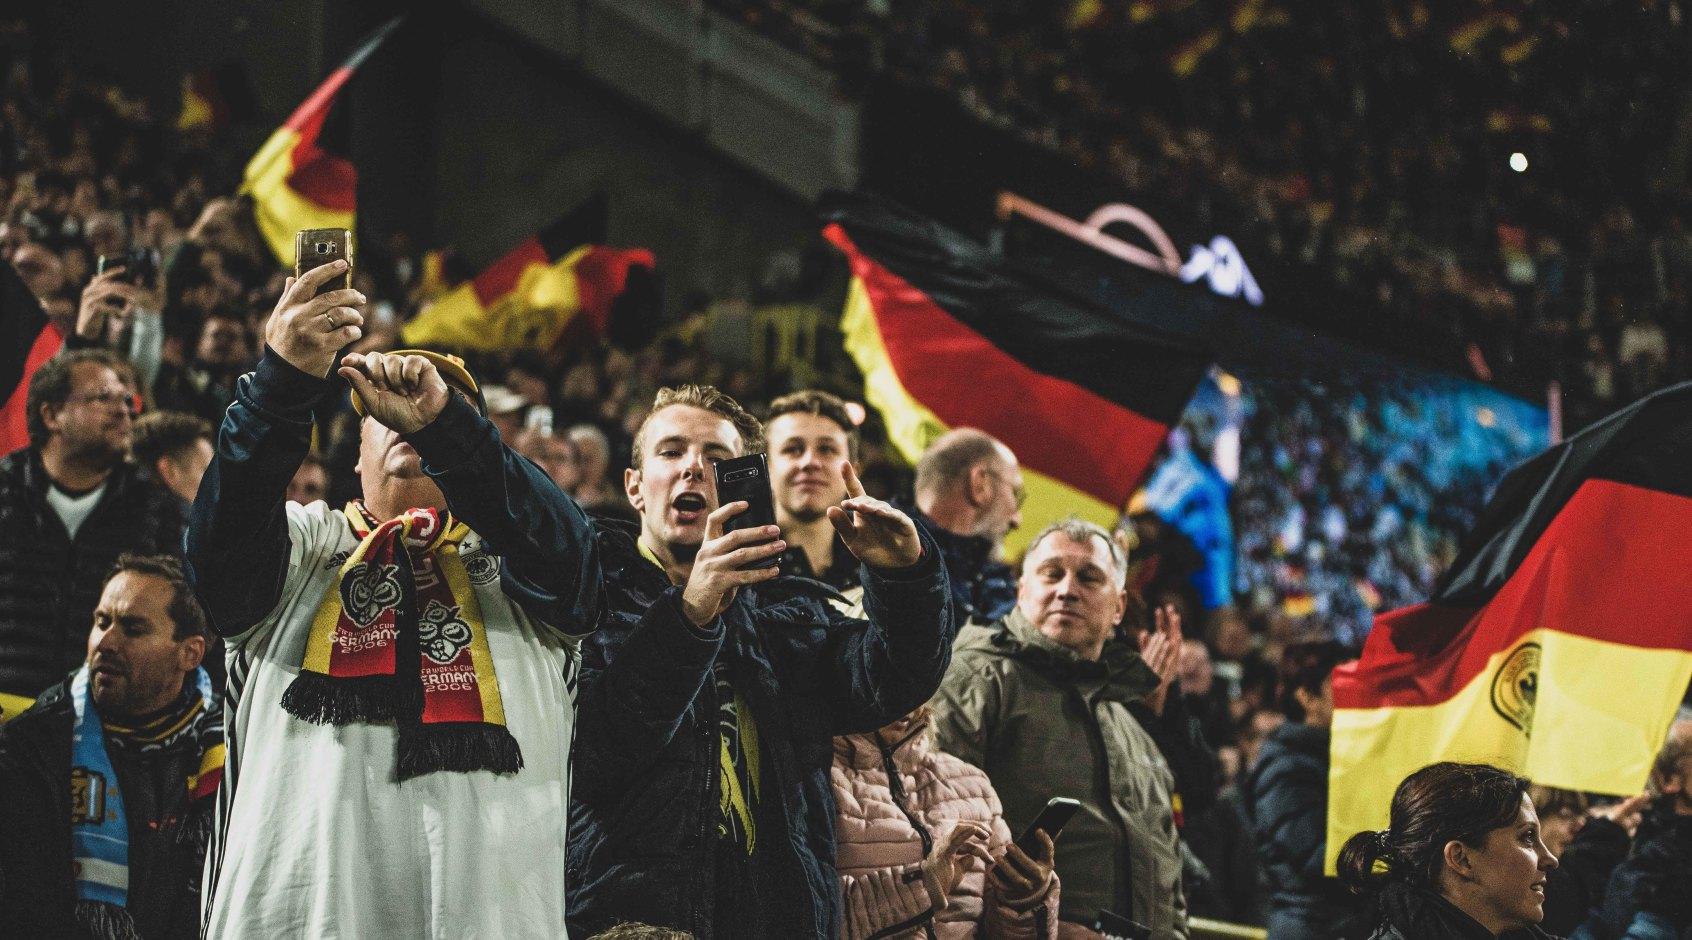 """Немецкие болельщики: """"Это не Украина была сильная, а Германия продолжает деградировать"""""""